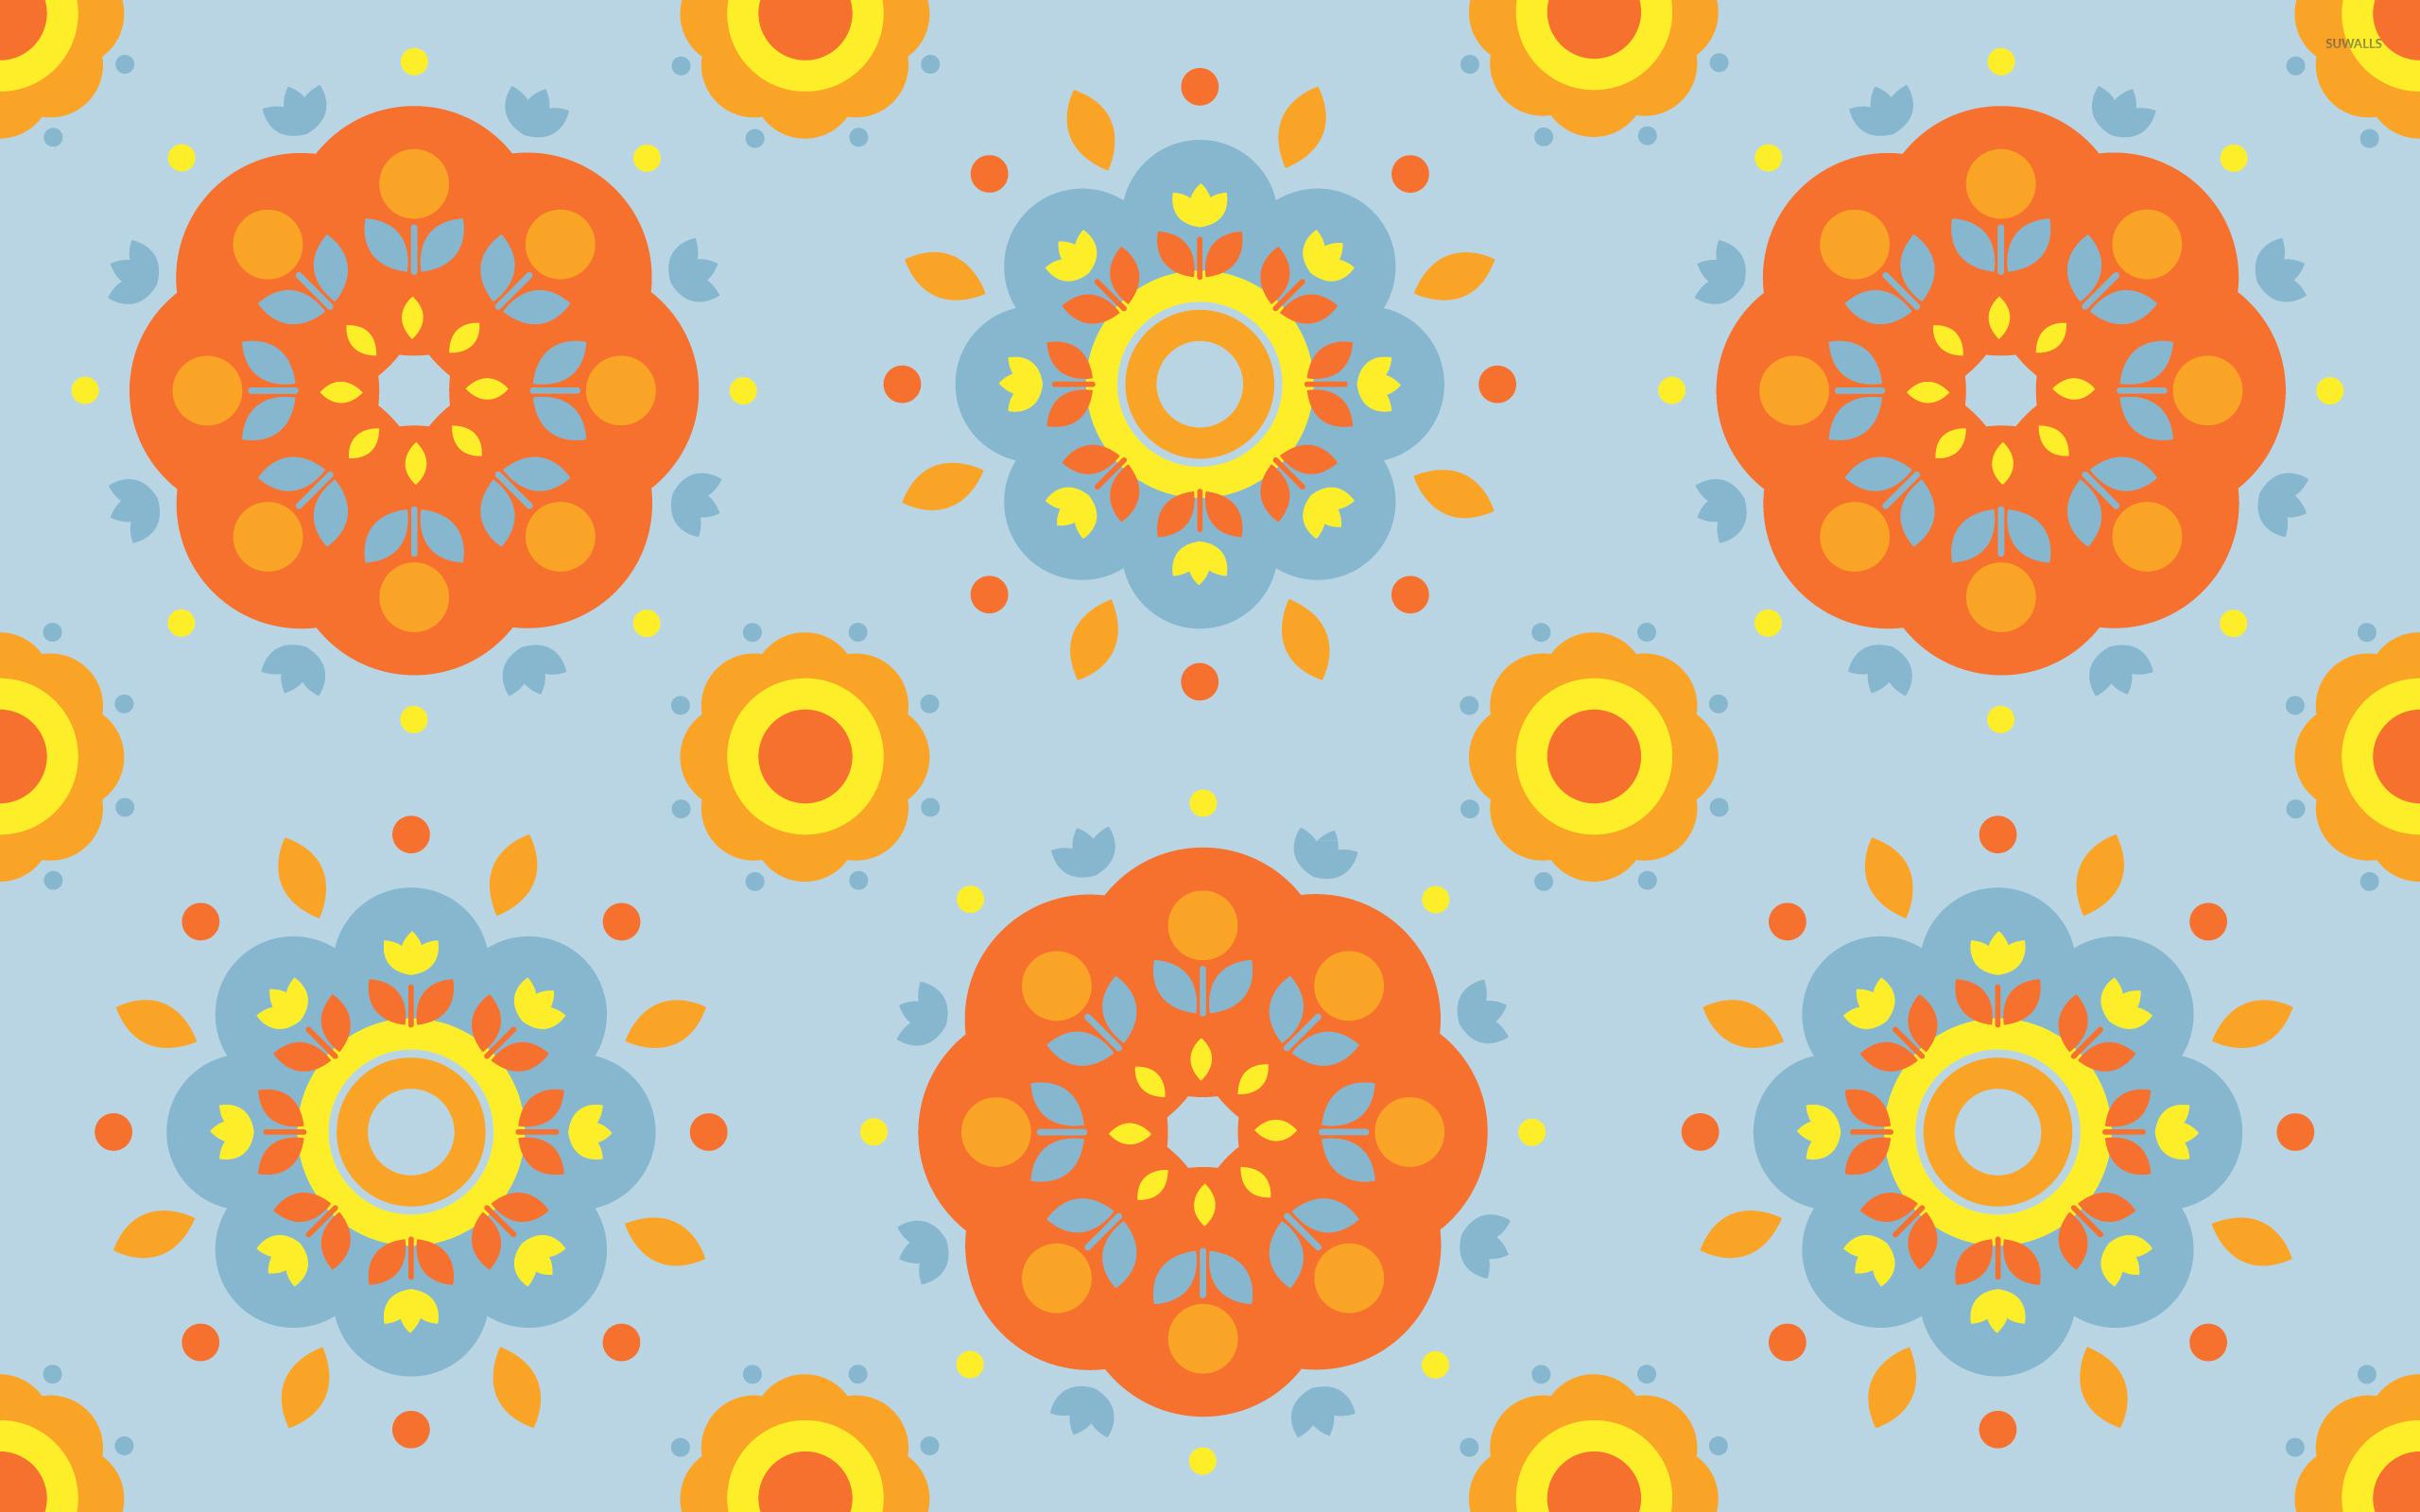 Retro flowers wallpaper - Vector wallpapers - #14365